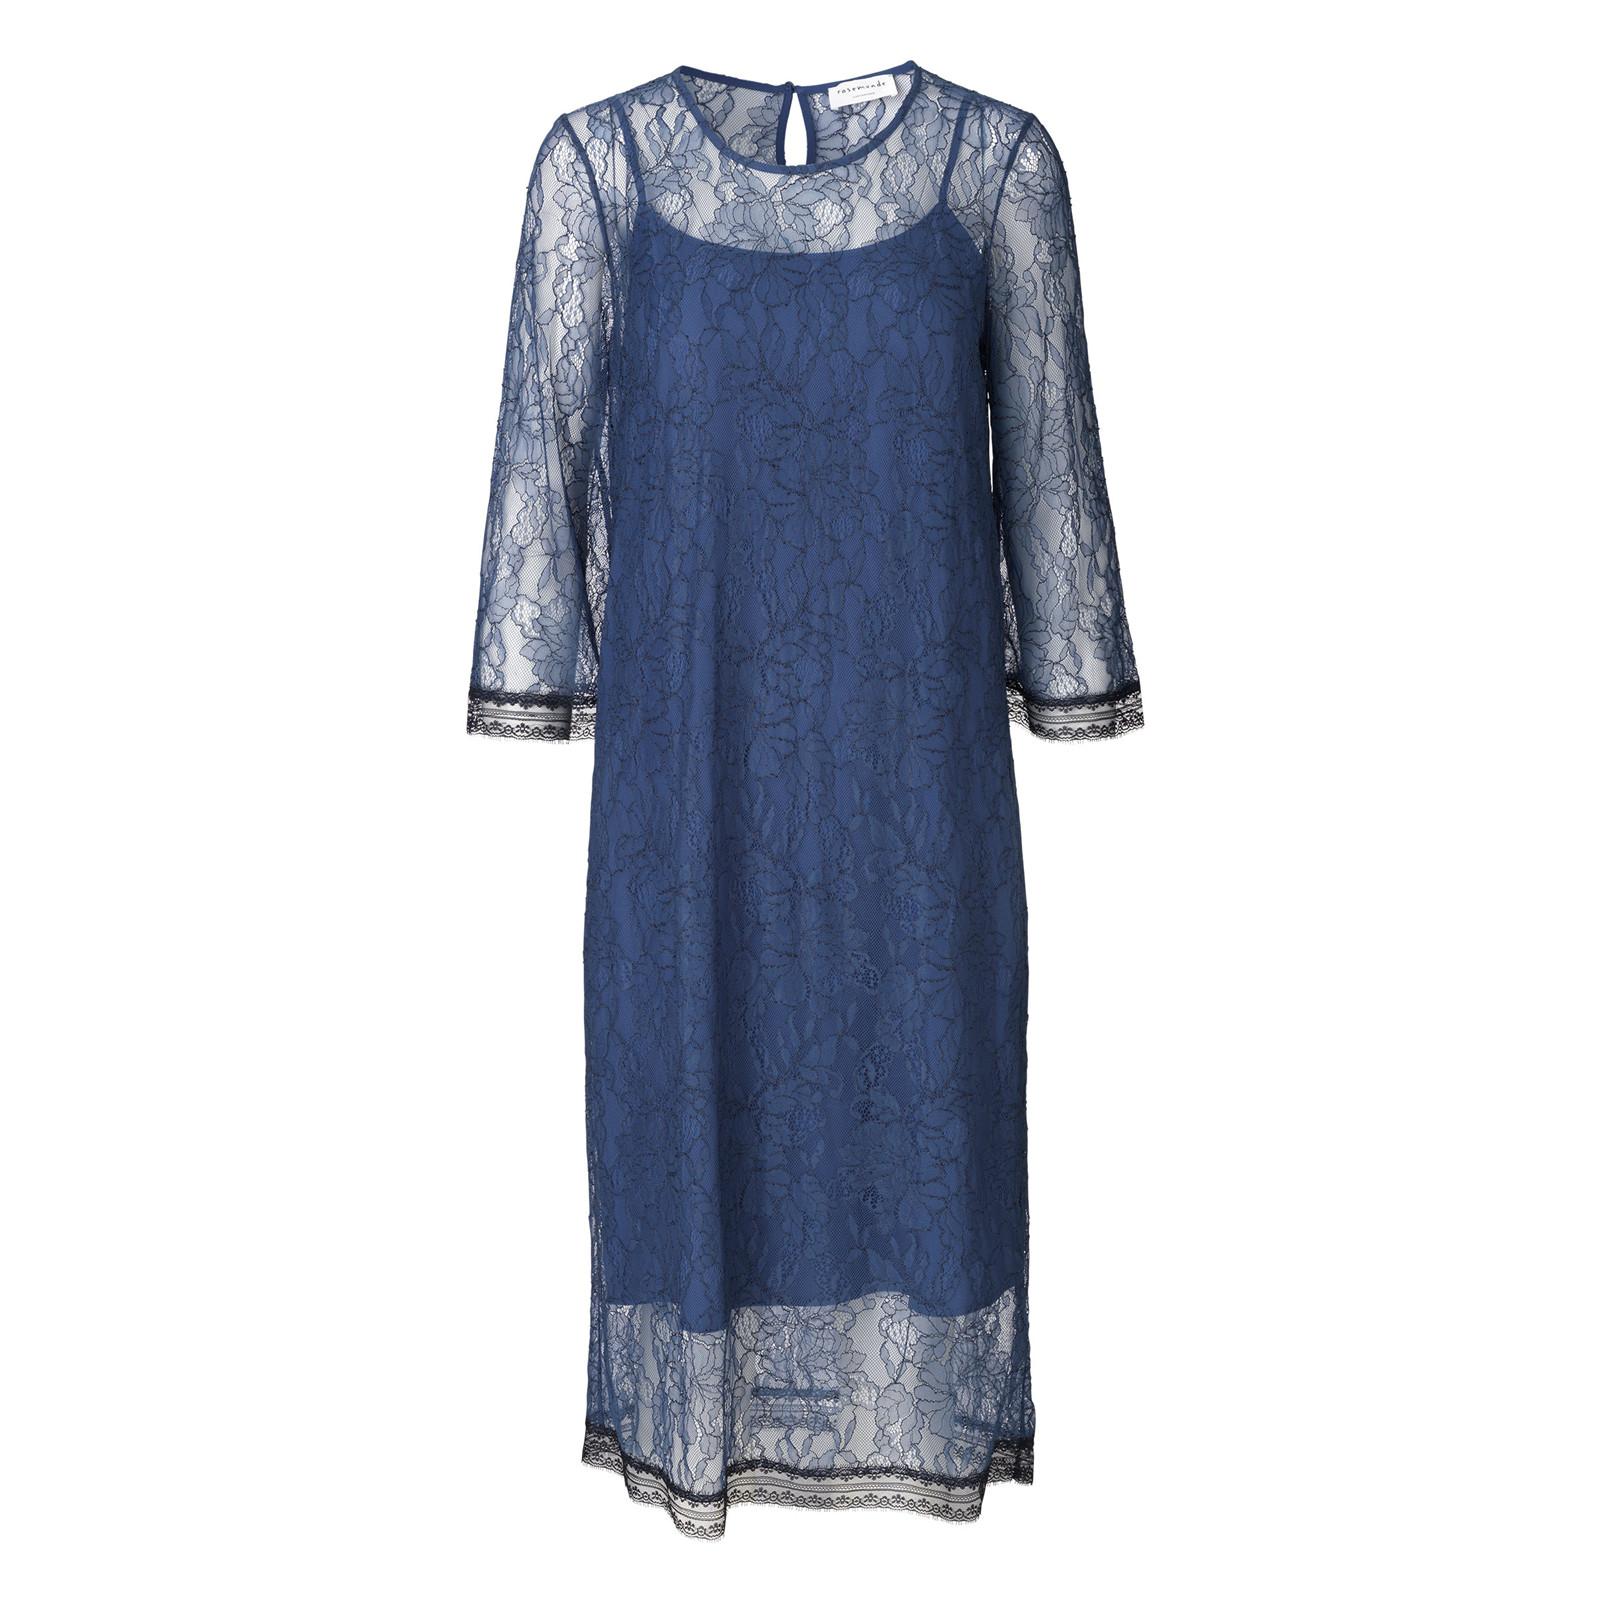 ROSEMUNDE KJOLE - 5949 BLUE INDIGO